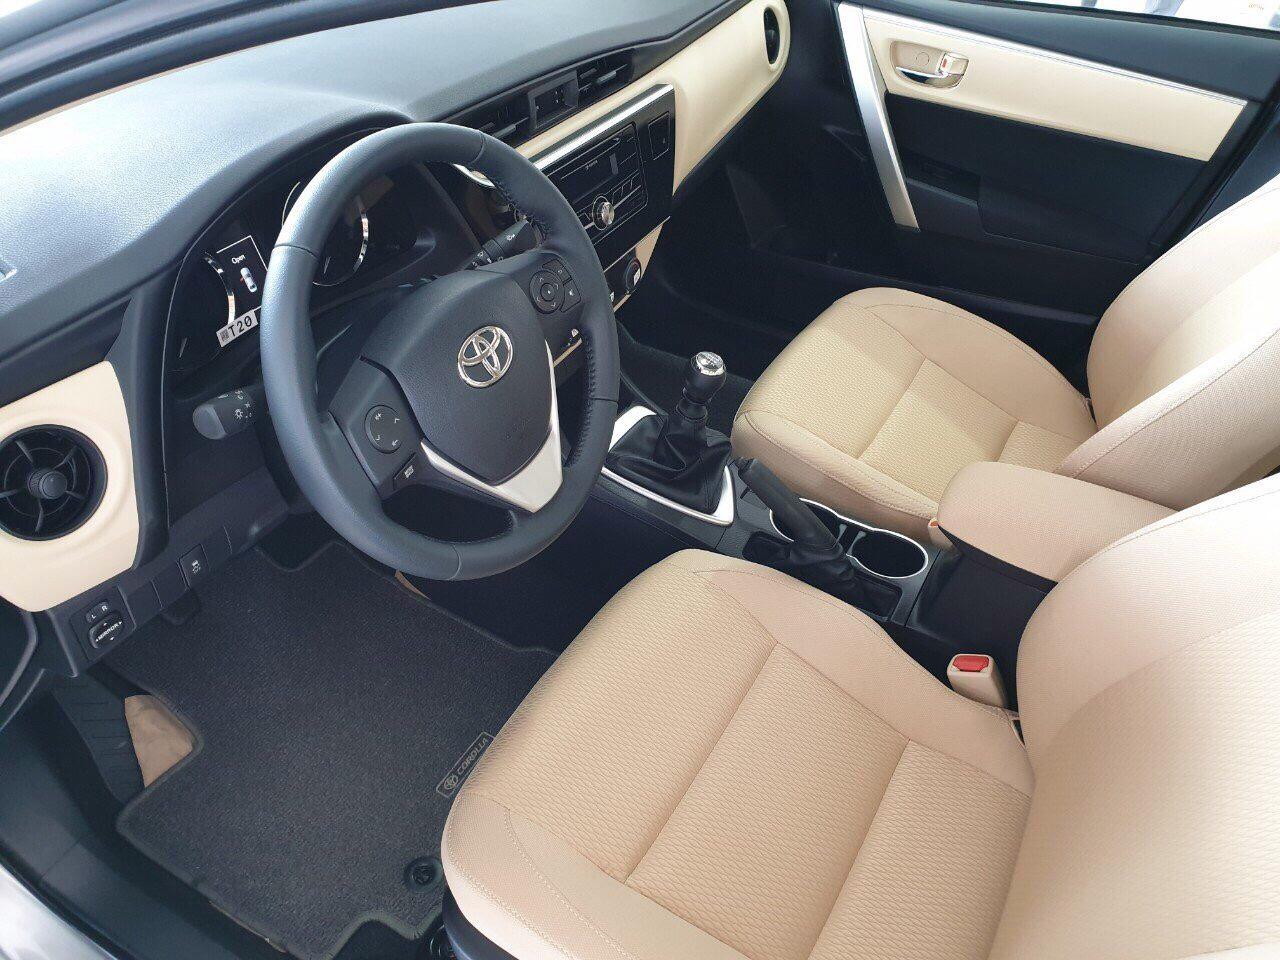 Altis 1.8 E MT số sàn ảnh 6 - Altis 1.8 E MT [hienthinam] số sàn: khuyến mãi và giá xe cập nhật mới